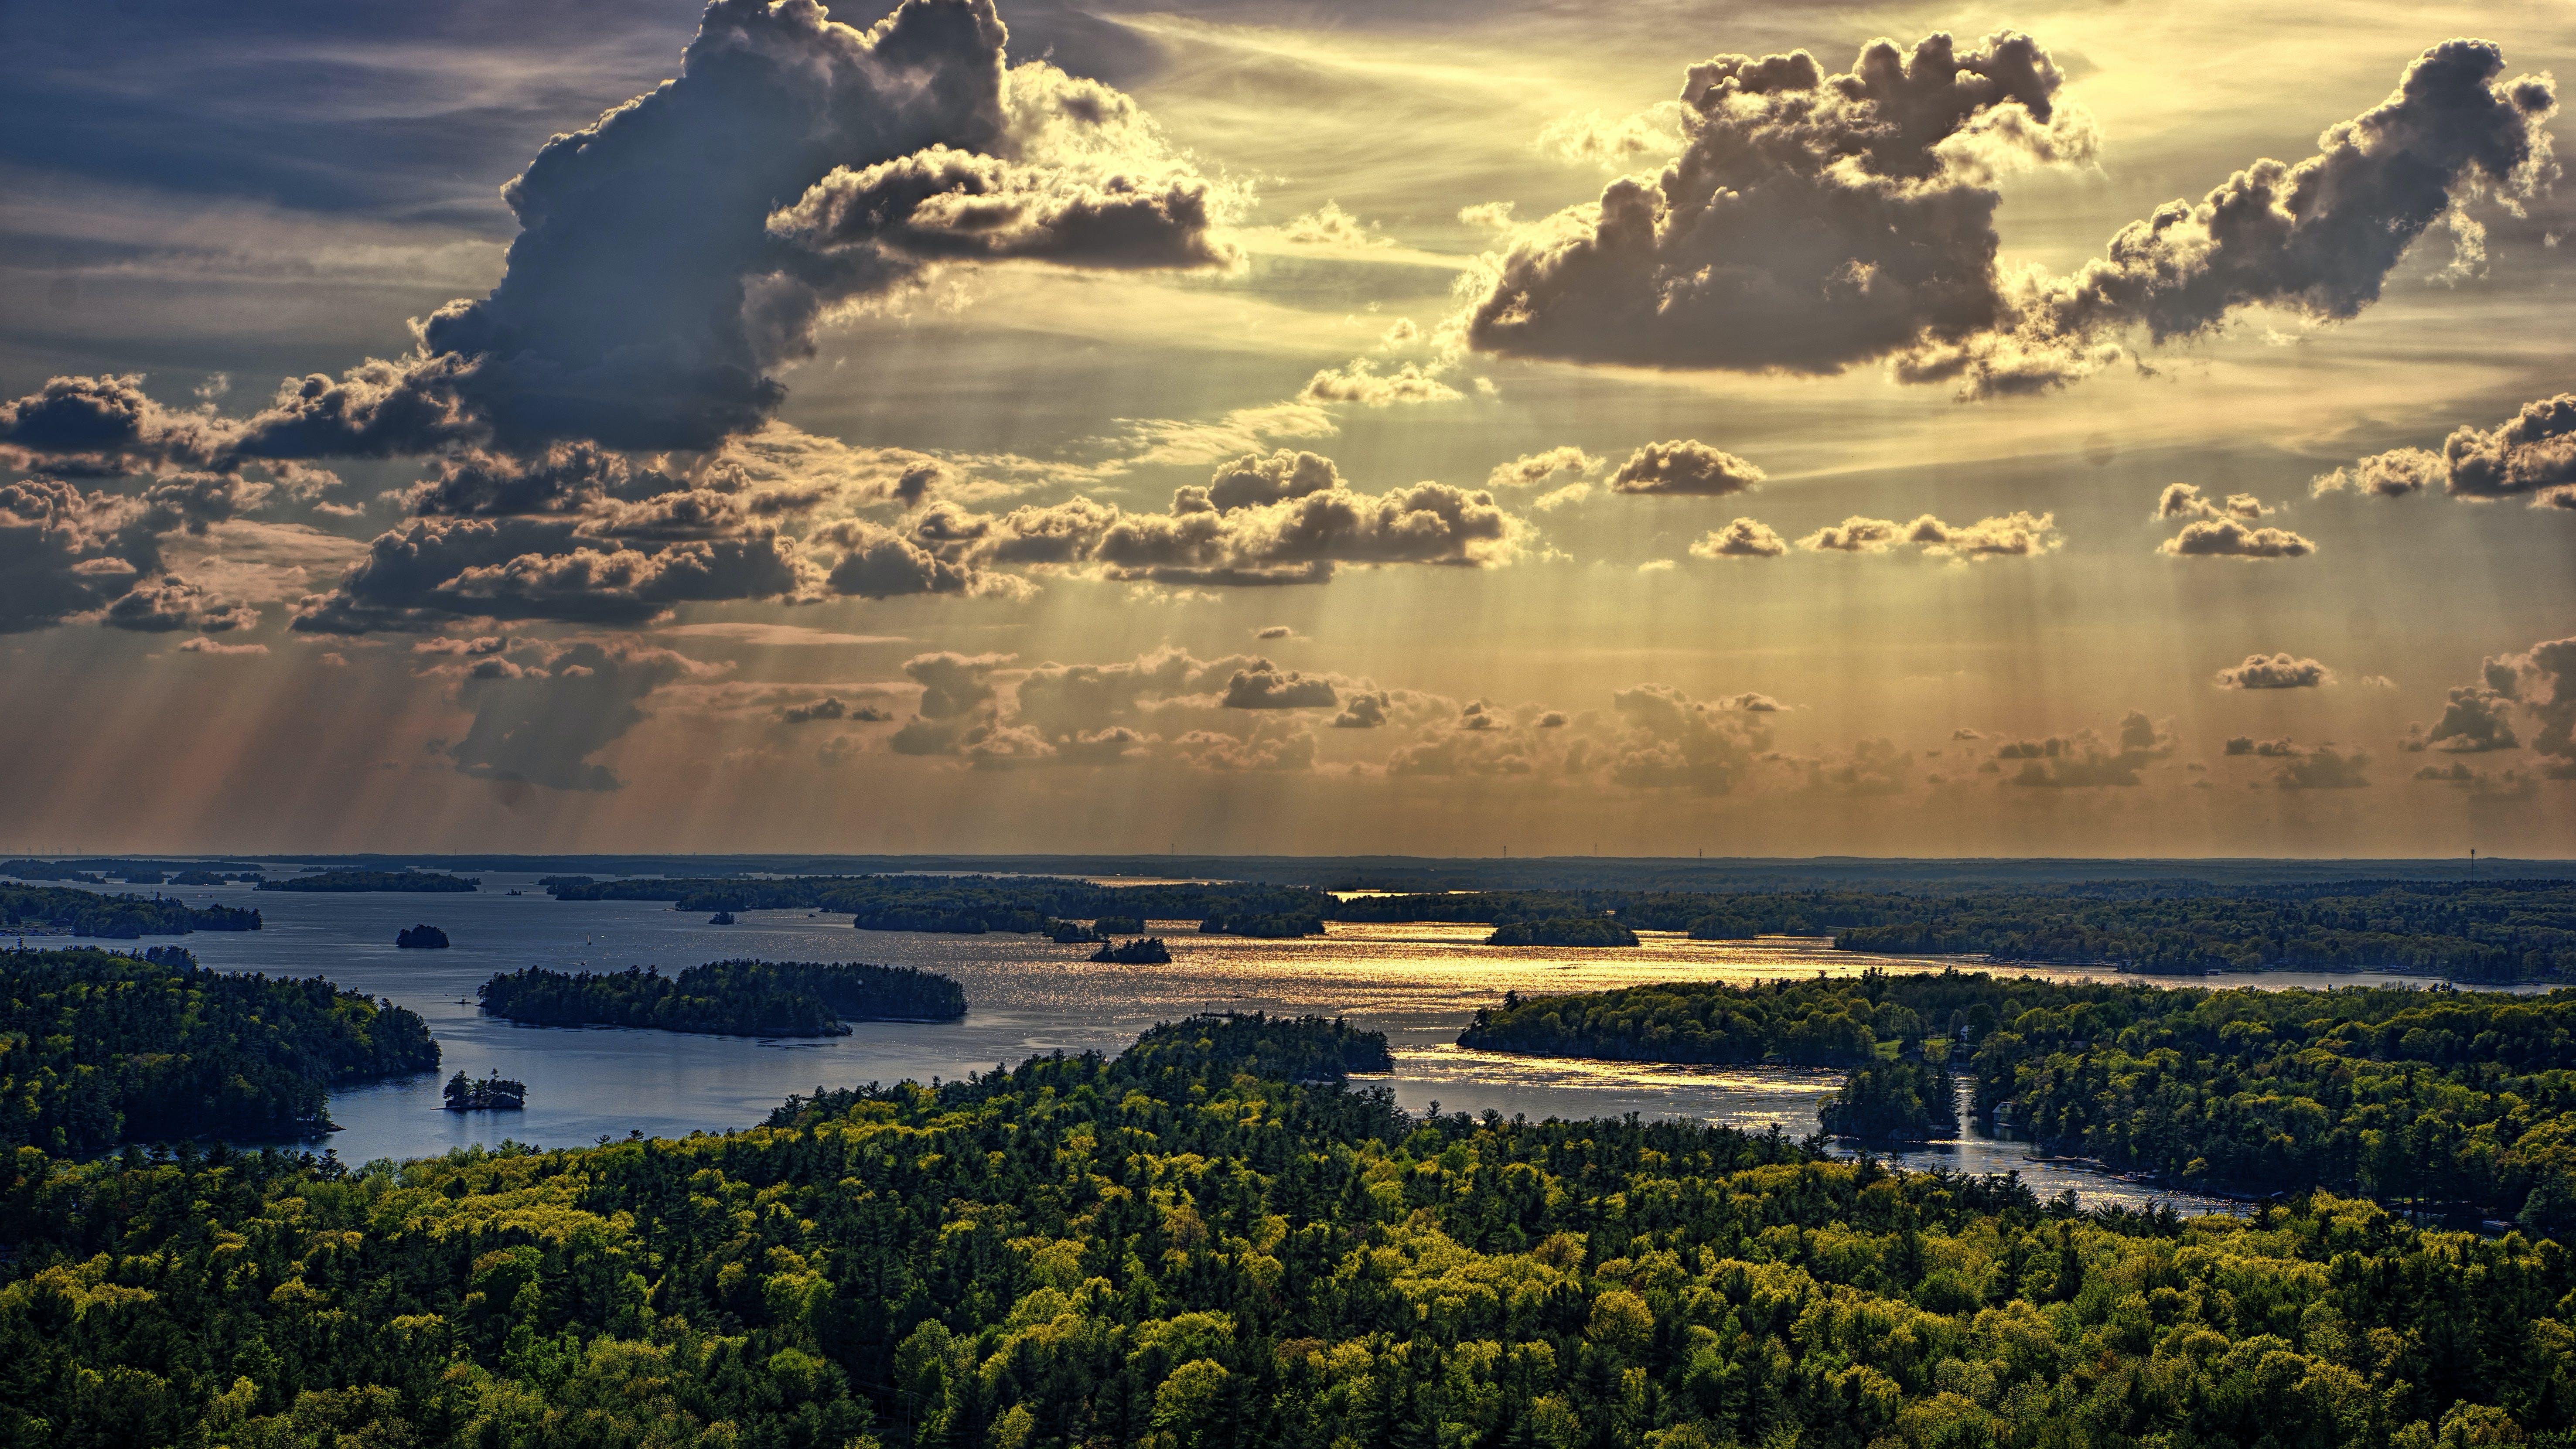 Kostenloses Stock Foto zu bäume, dämmerung, himmel, sonnenaufgang